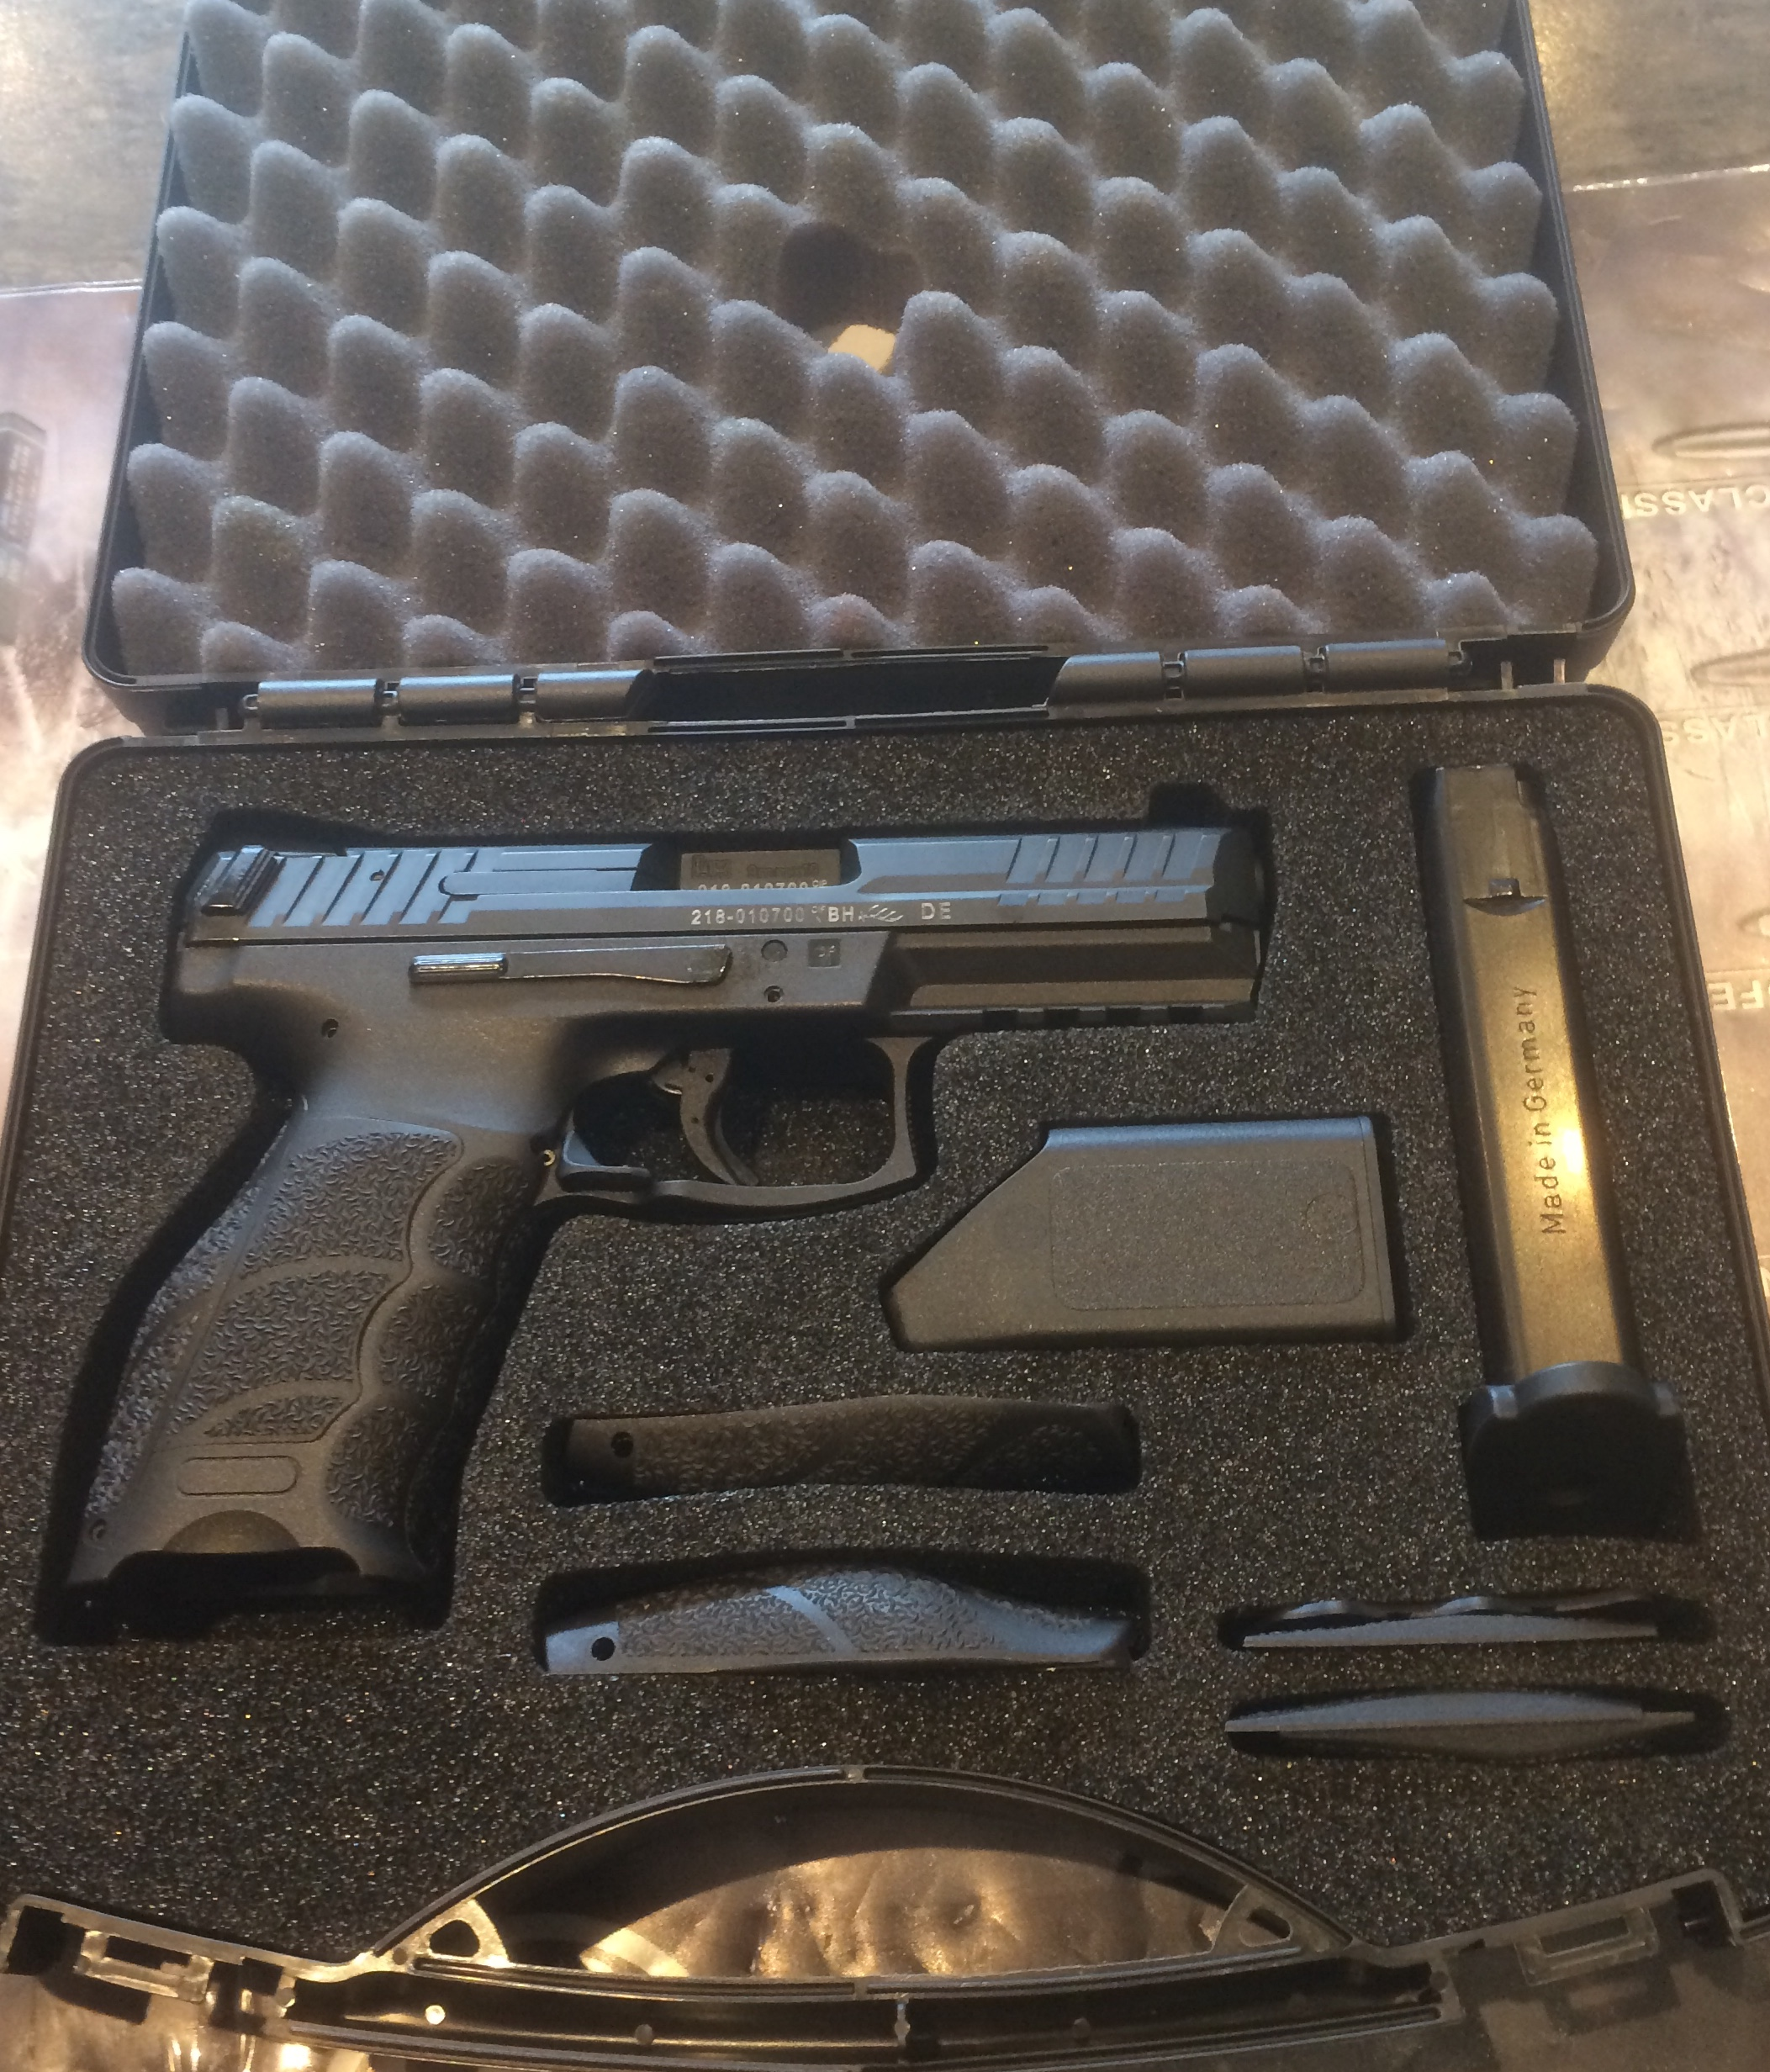 Heckler & Koch SFP 9 in 9mm Luger Image